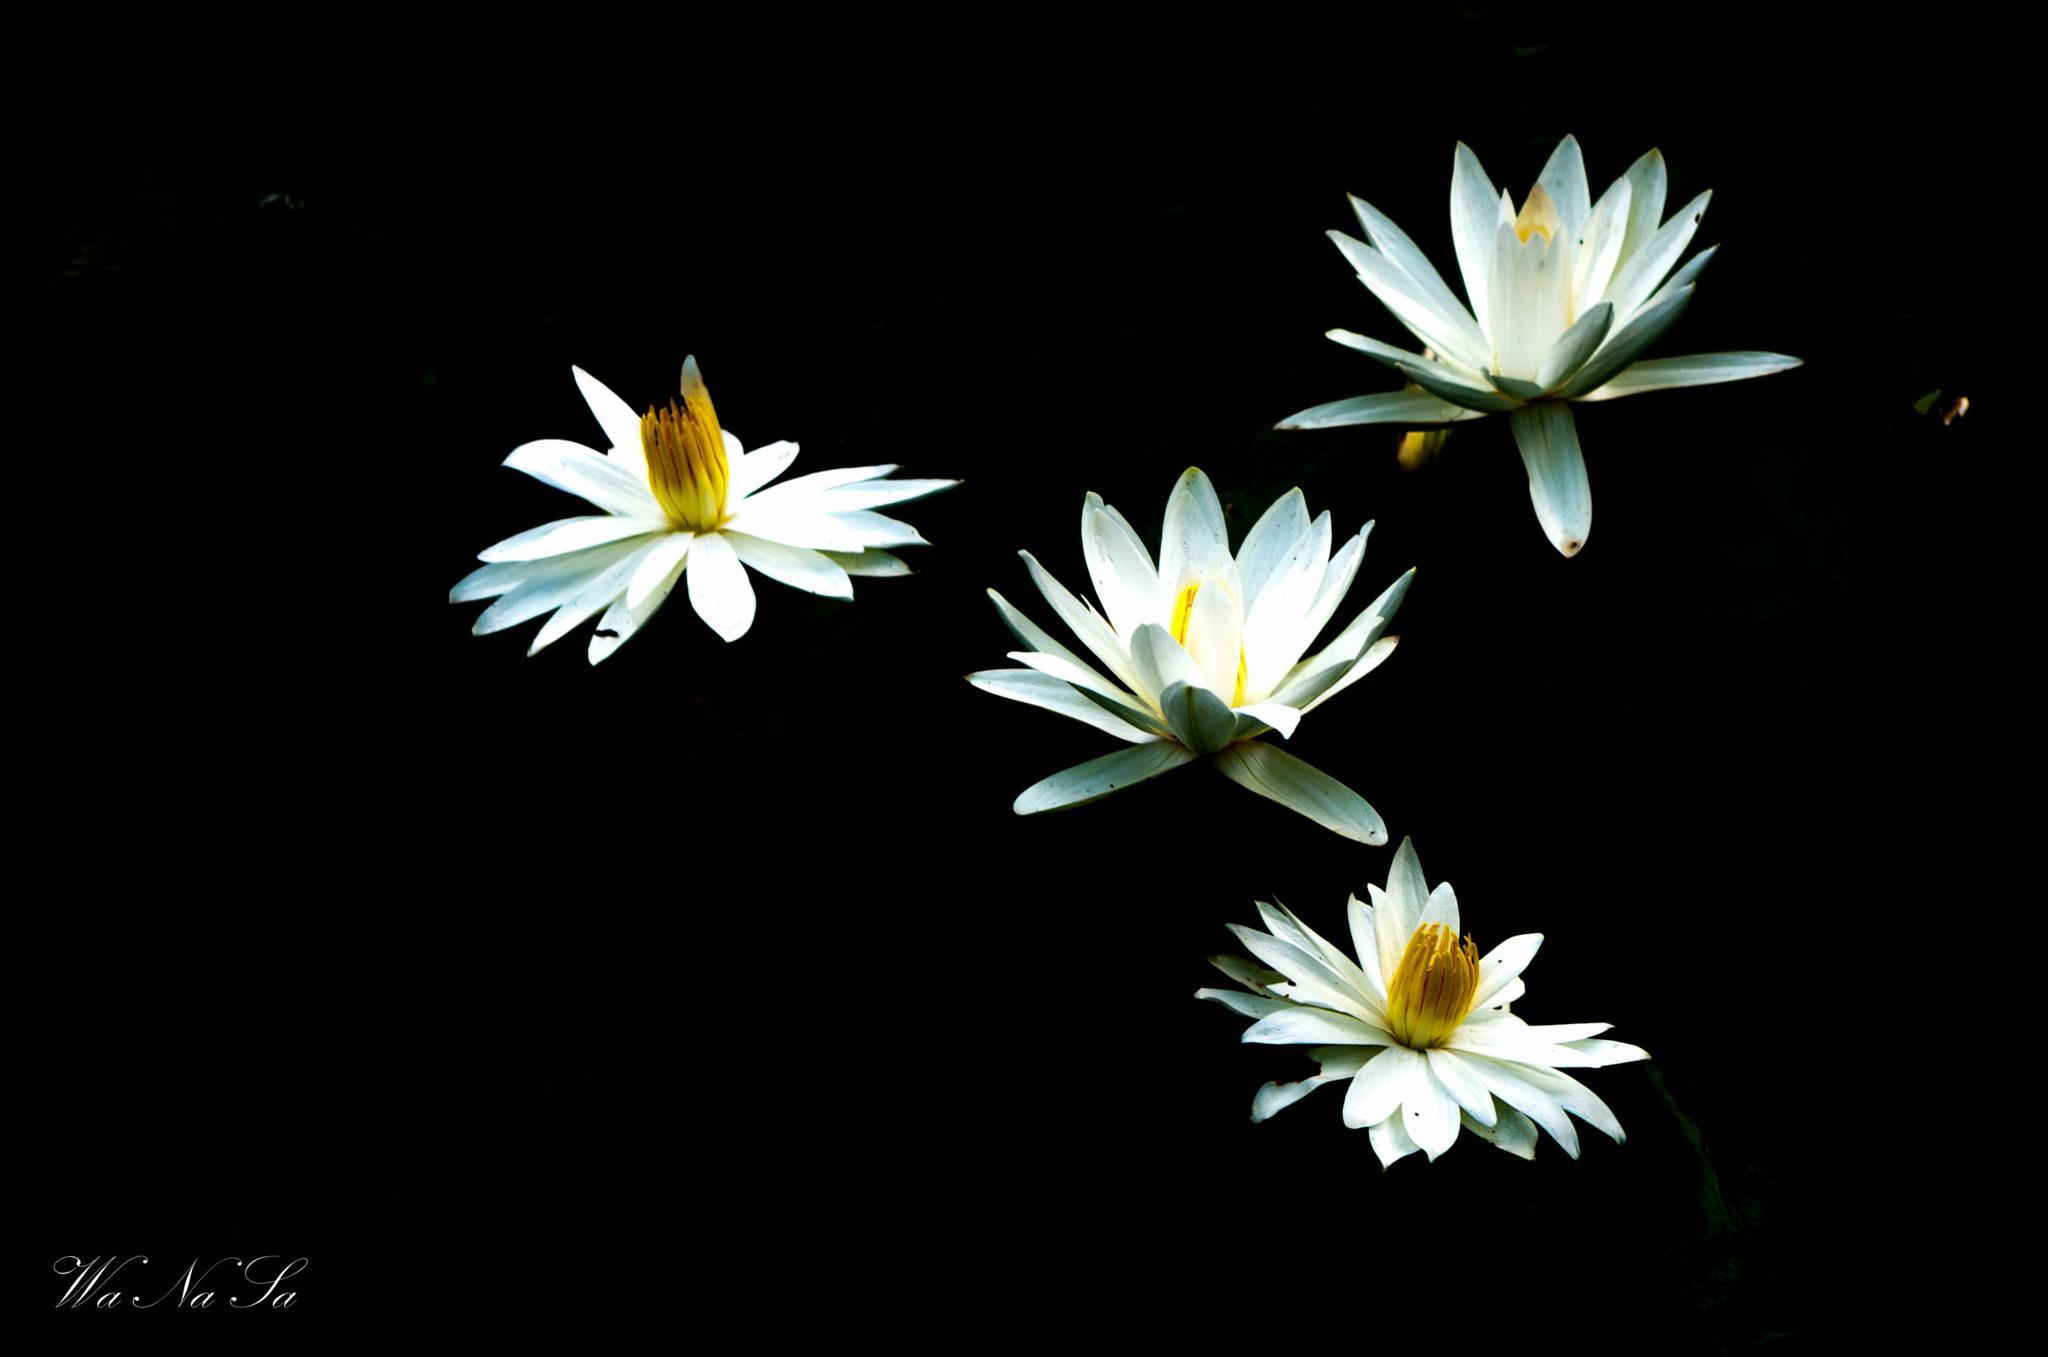 #lotus by WaNaSa